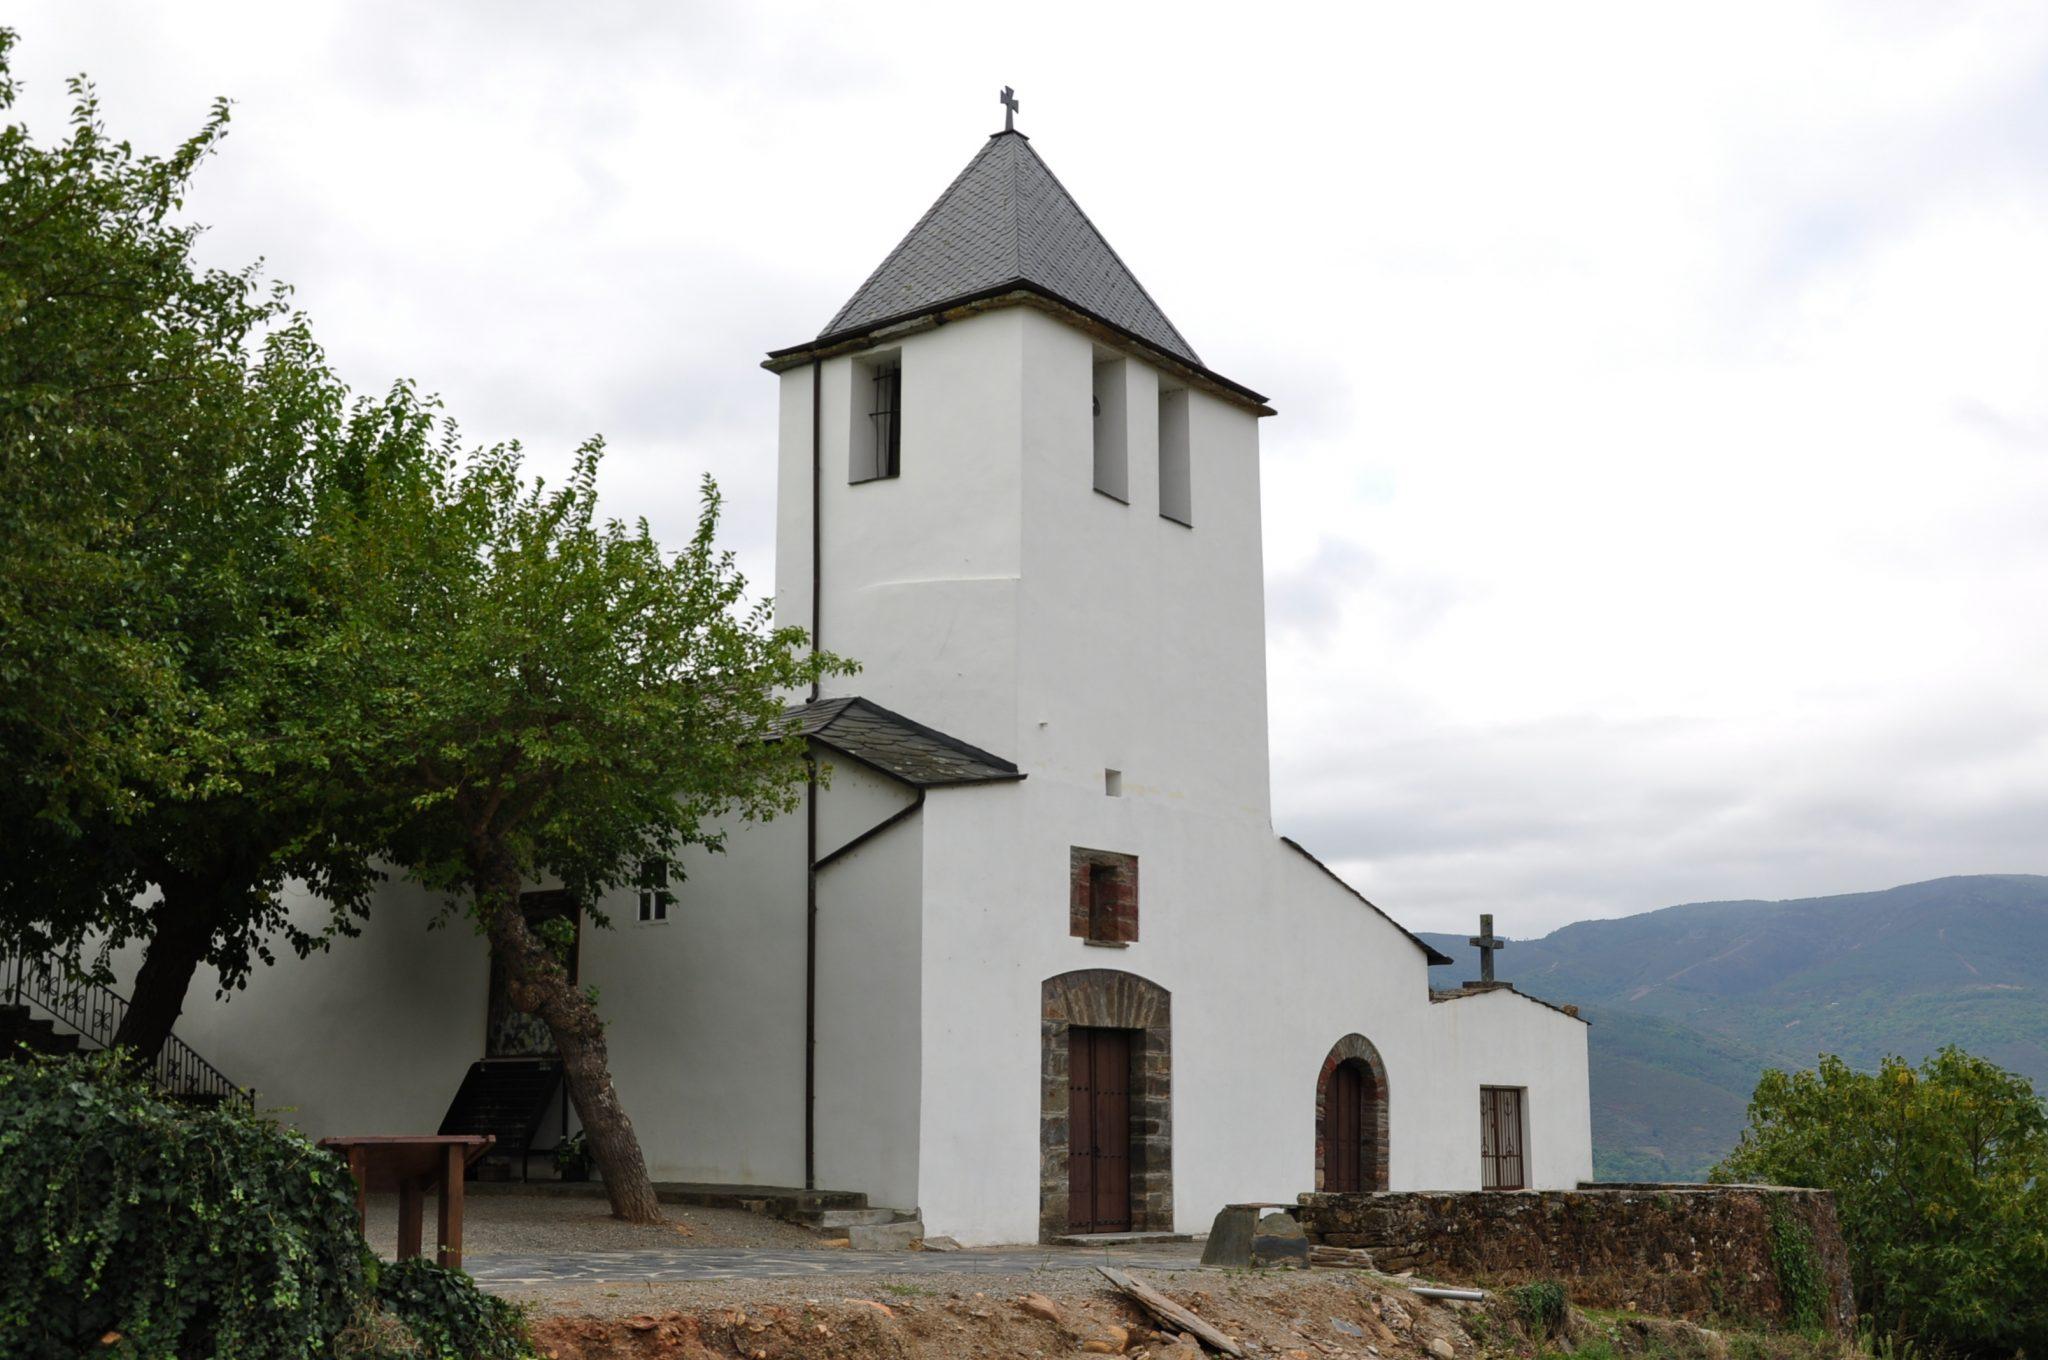 Igrexa Parroquial da Ermida – Santuario da Virxe dos Remedios